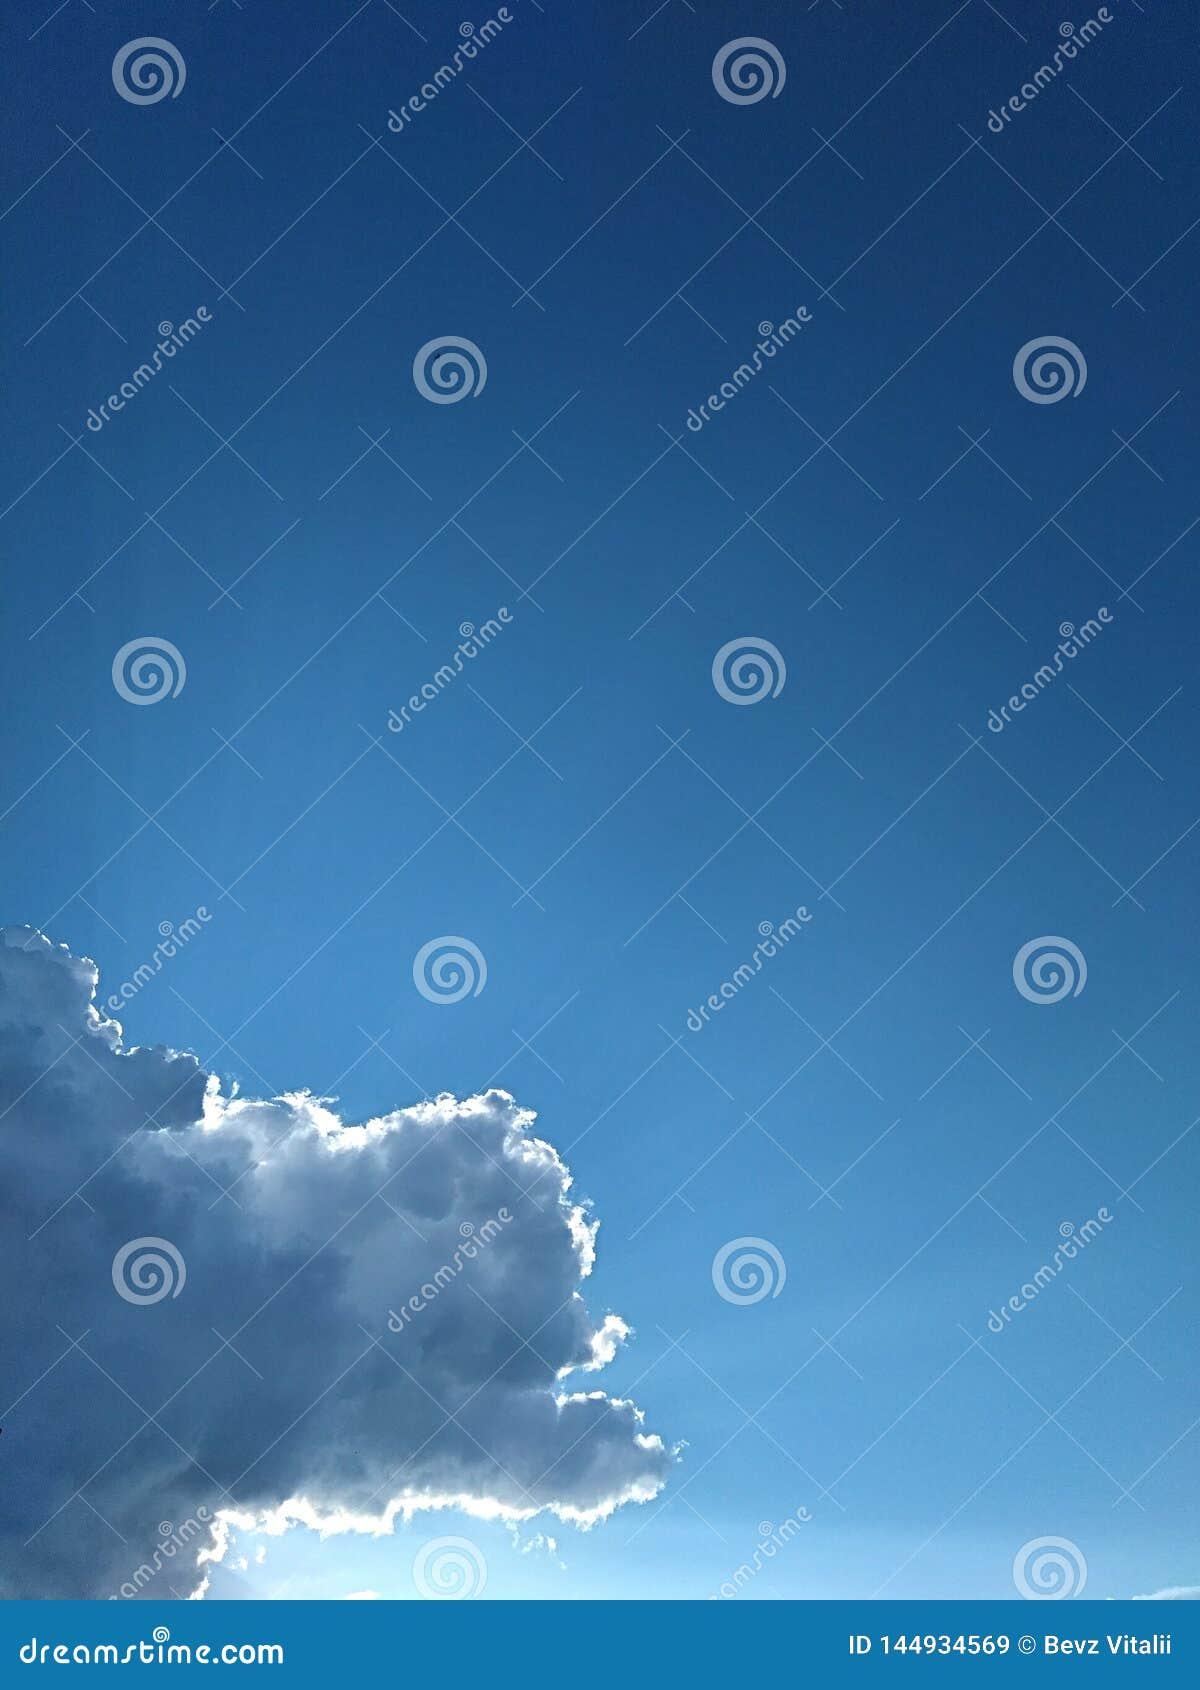 从雨云下面的天空蔚蓝